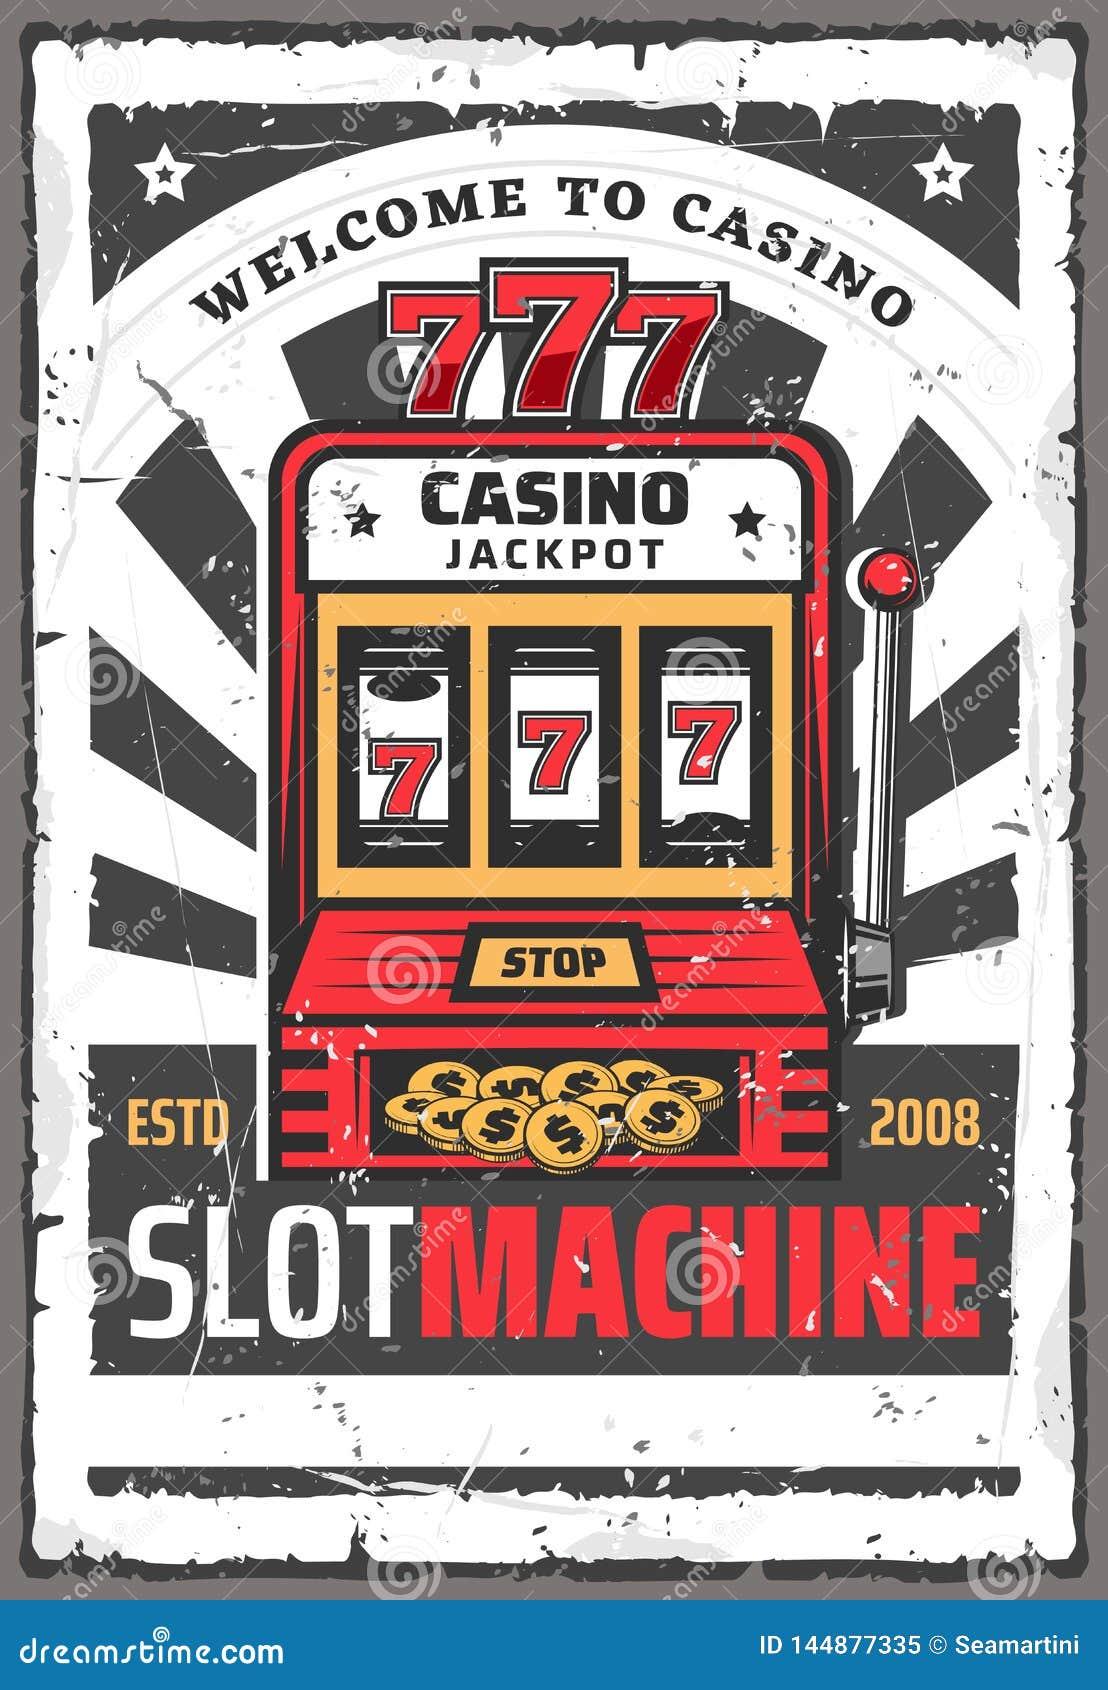 lotto spielen 4 wochen kosten